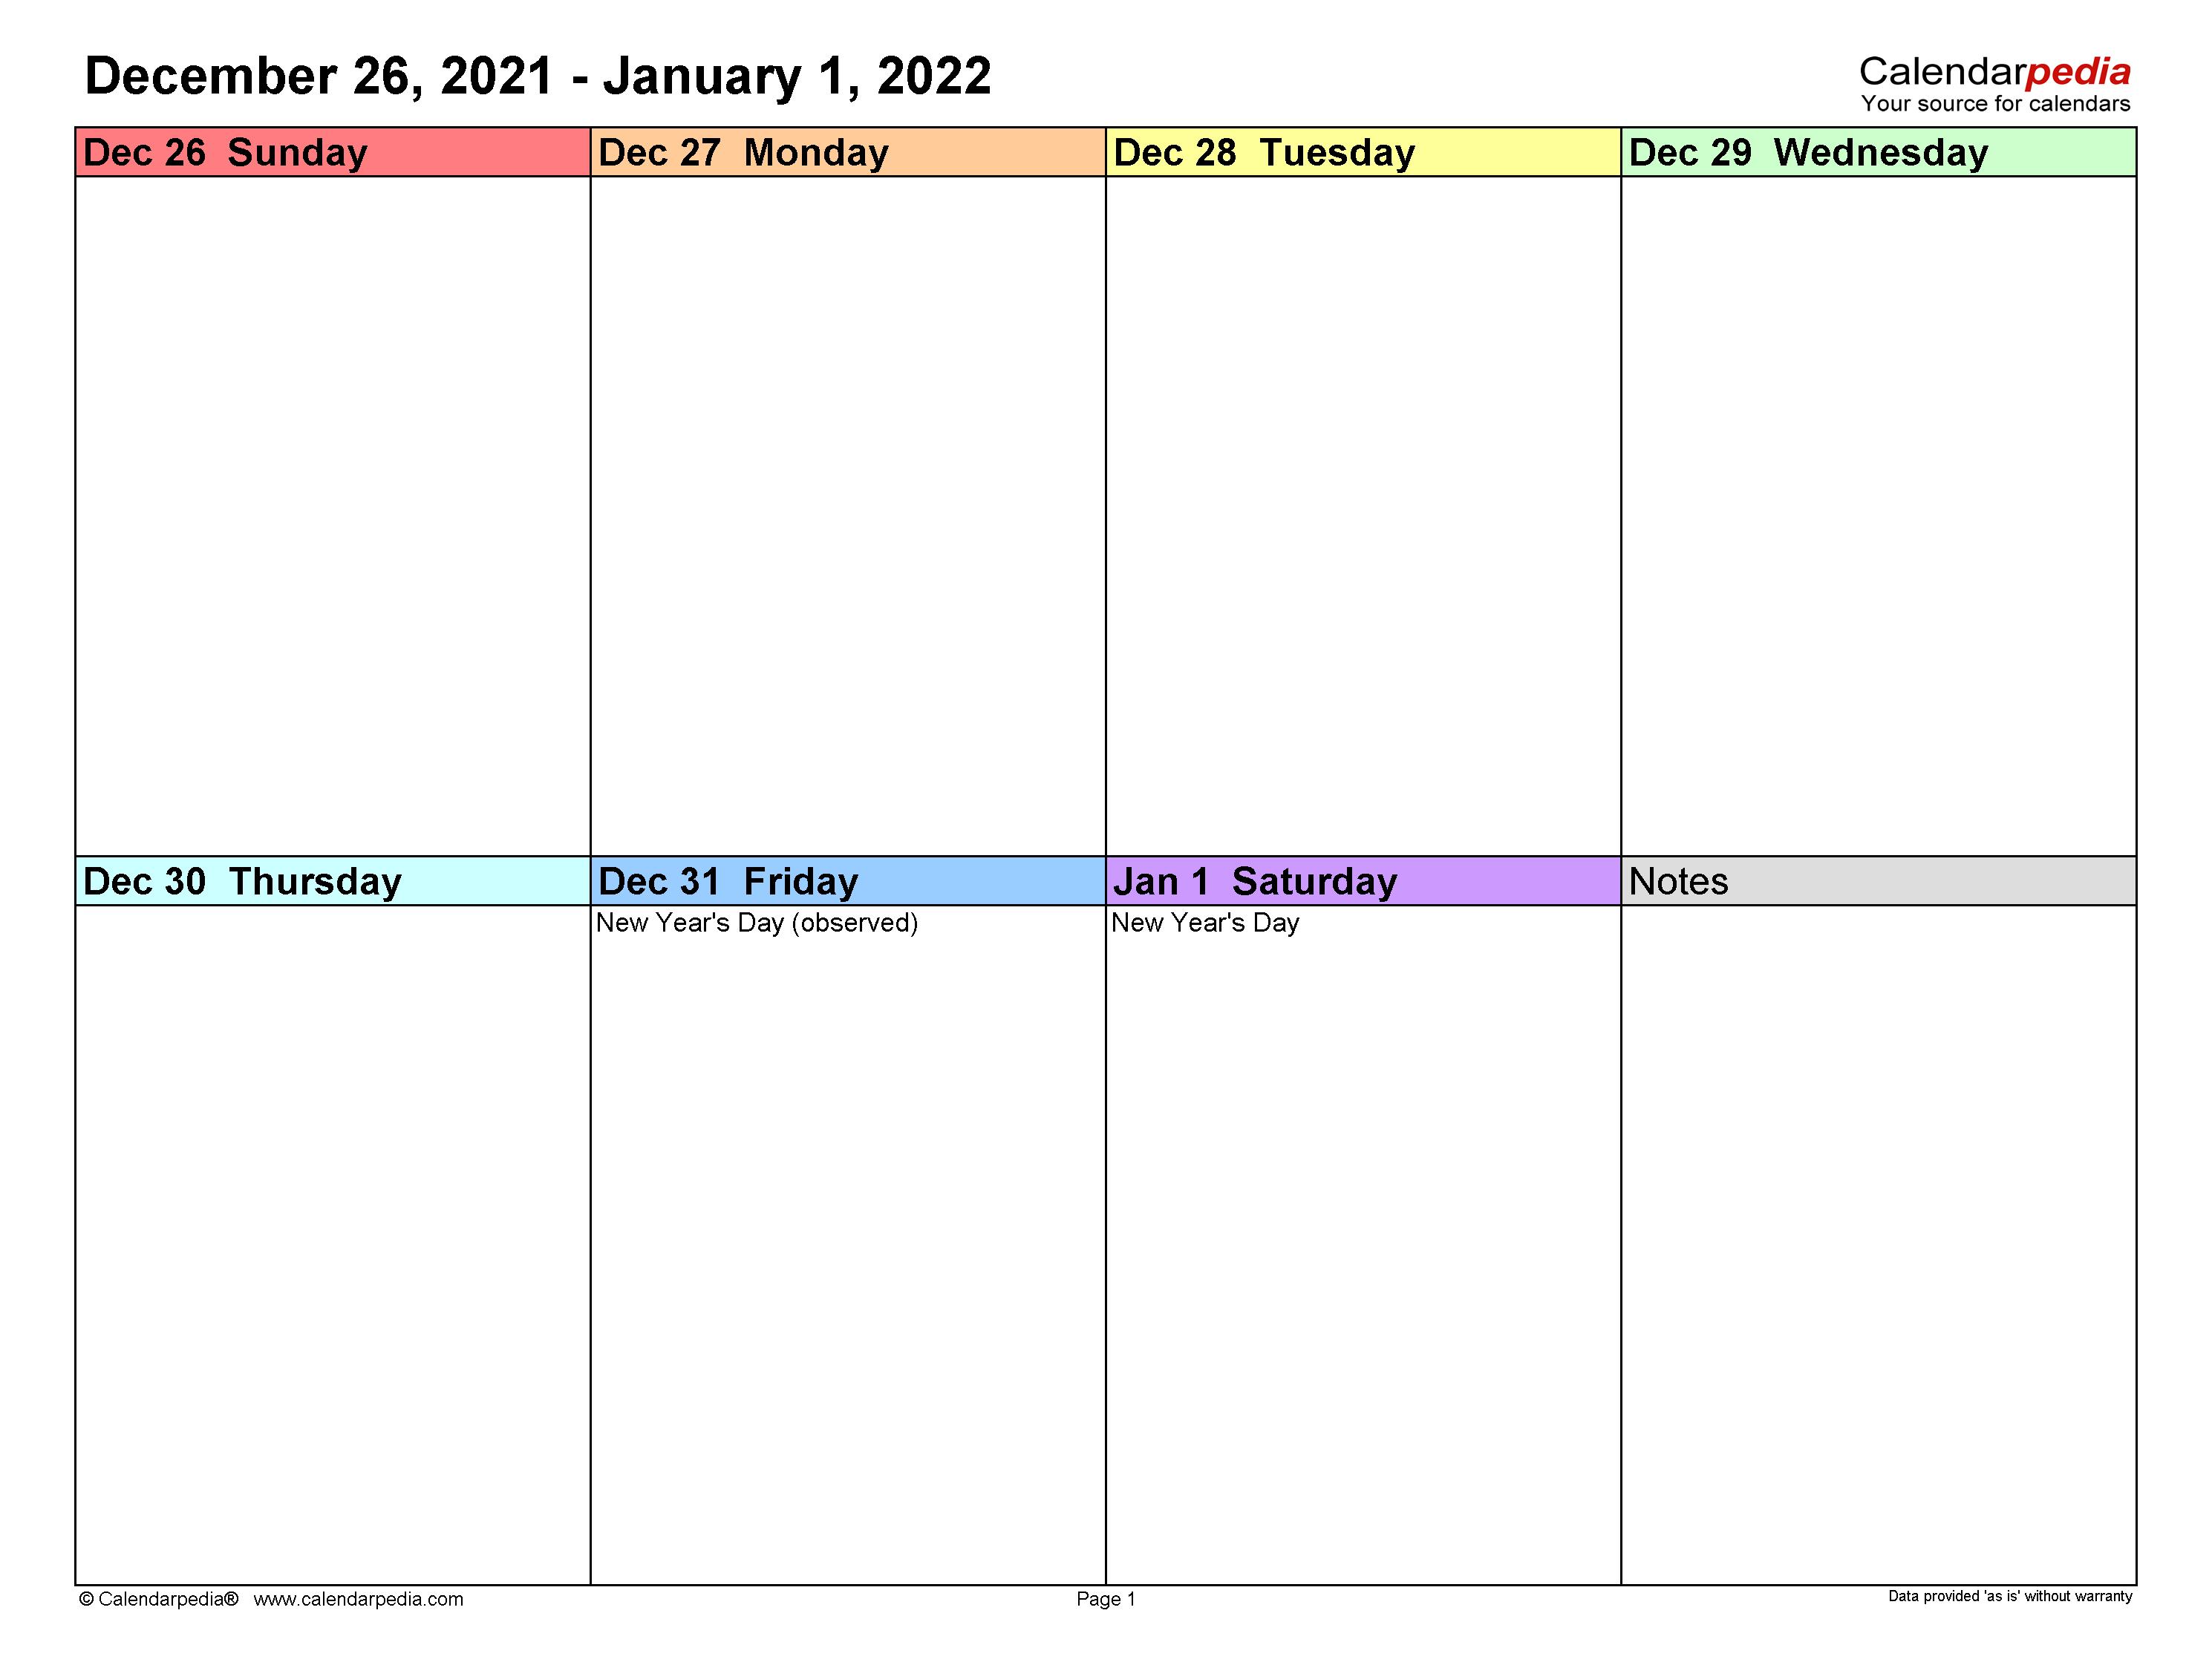 Work Week Calendar 2022.Weekly Calendars 2022 For Excel 12 Free Printable Templates